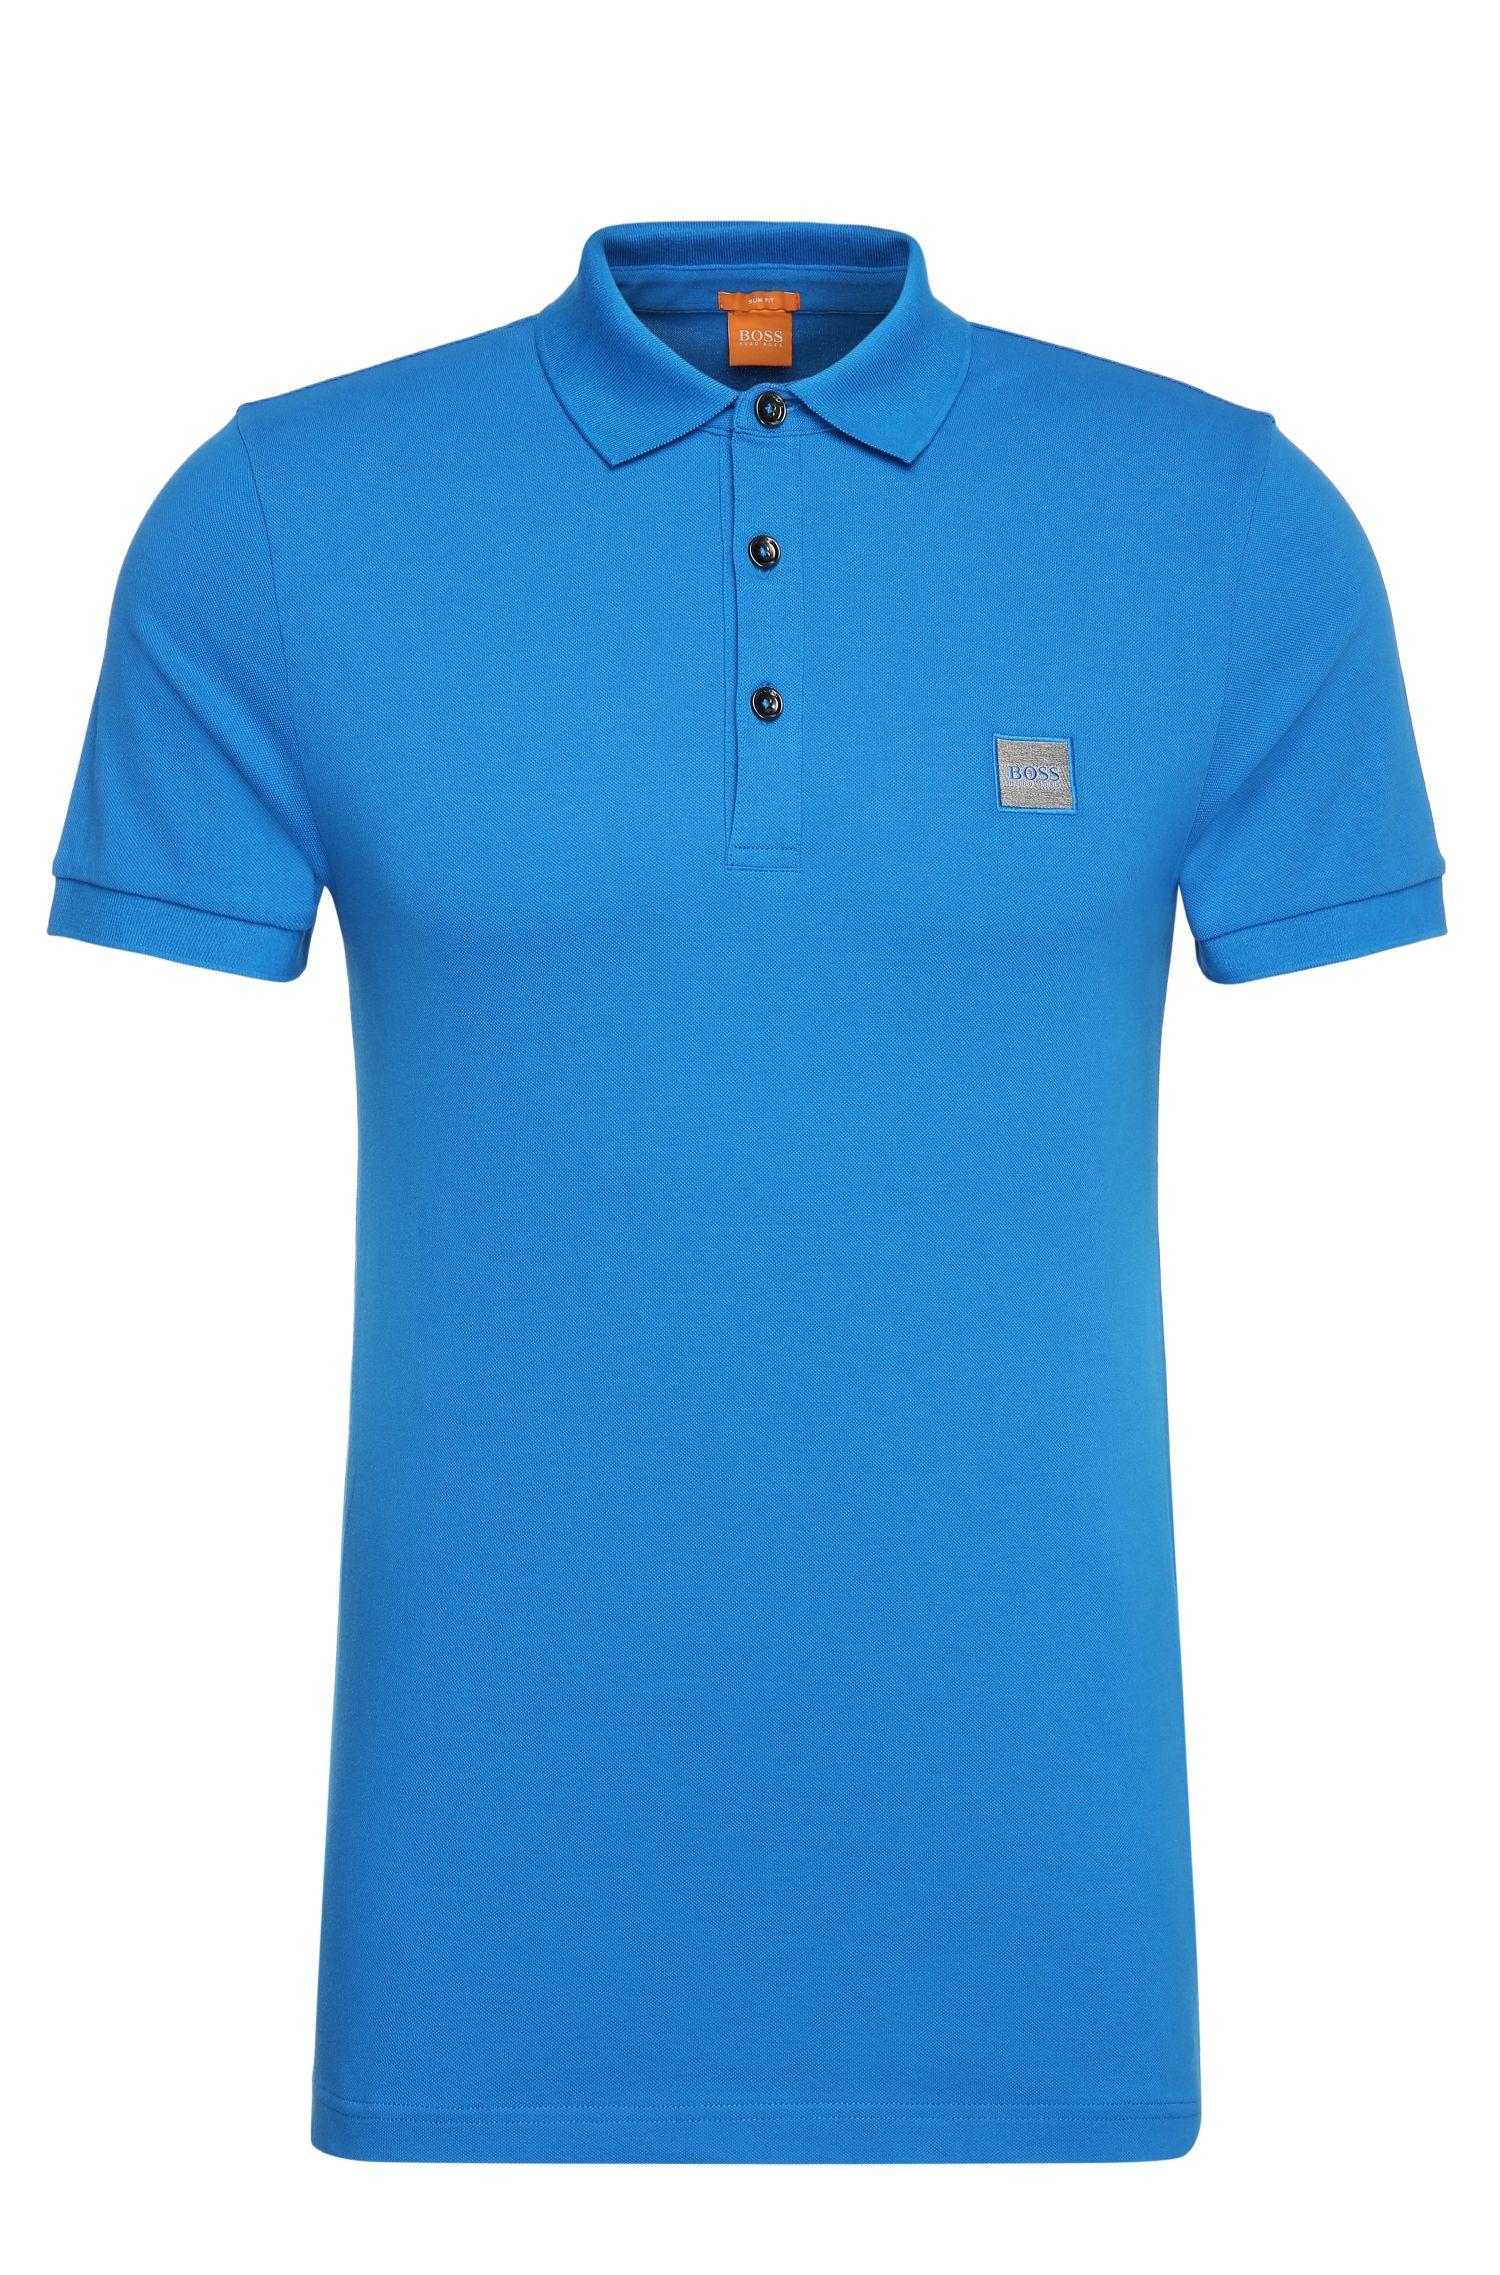 Slim-Fit Poloshirt aus elastischem Piqué